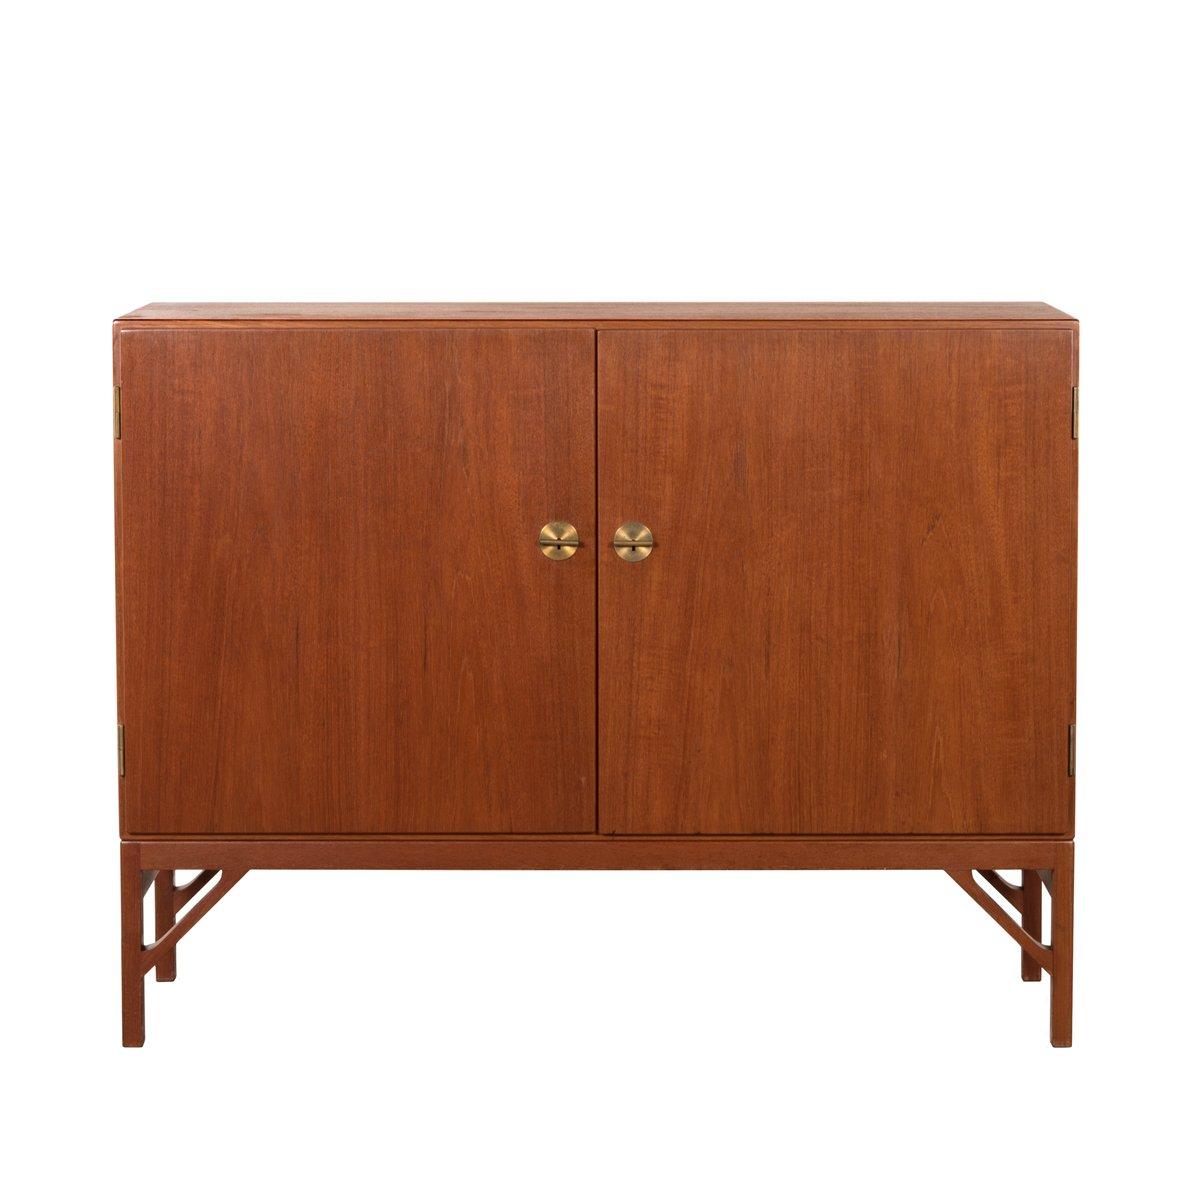 Vintage teak m232 cabinet by b rge mogensen for fdb for for Sideboard 2 m lang